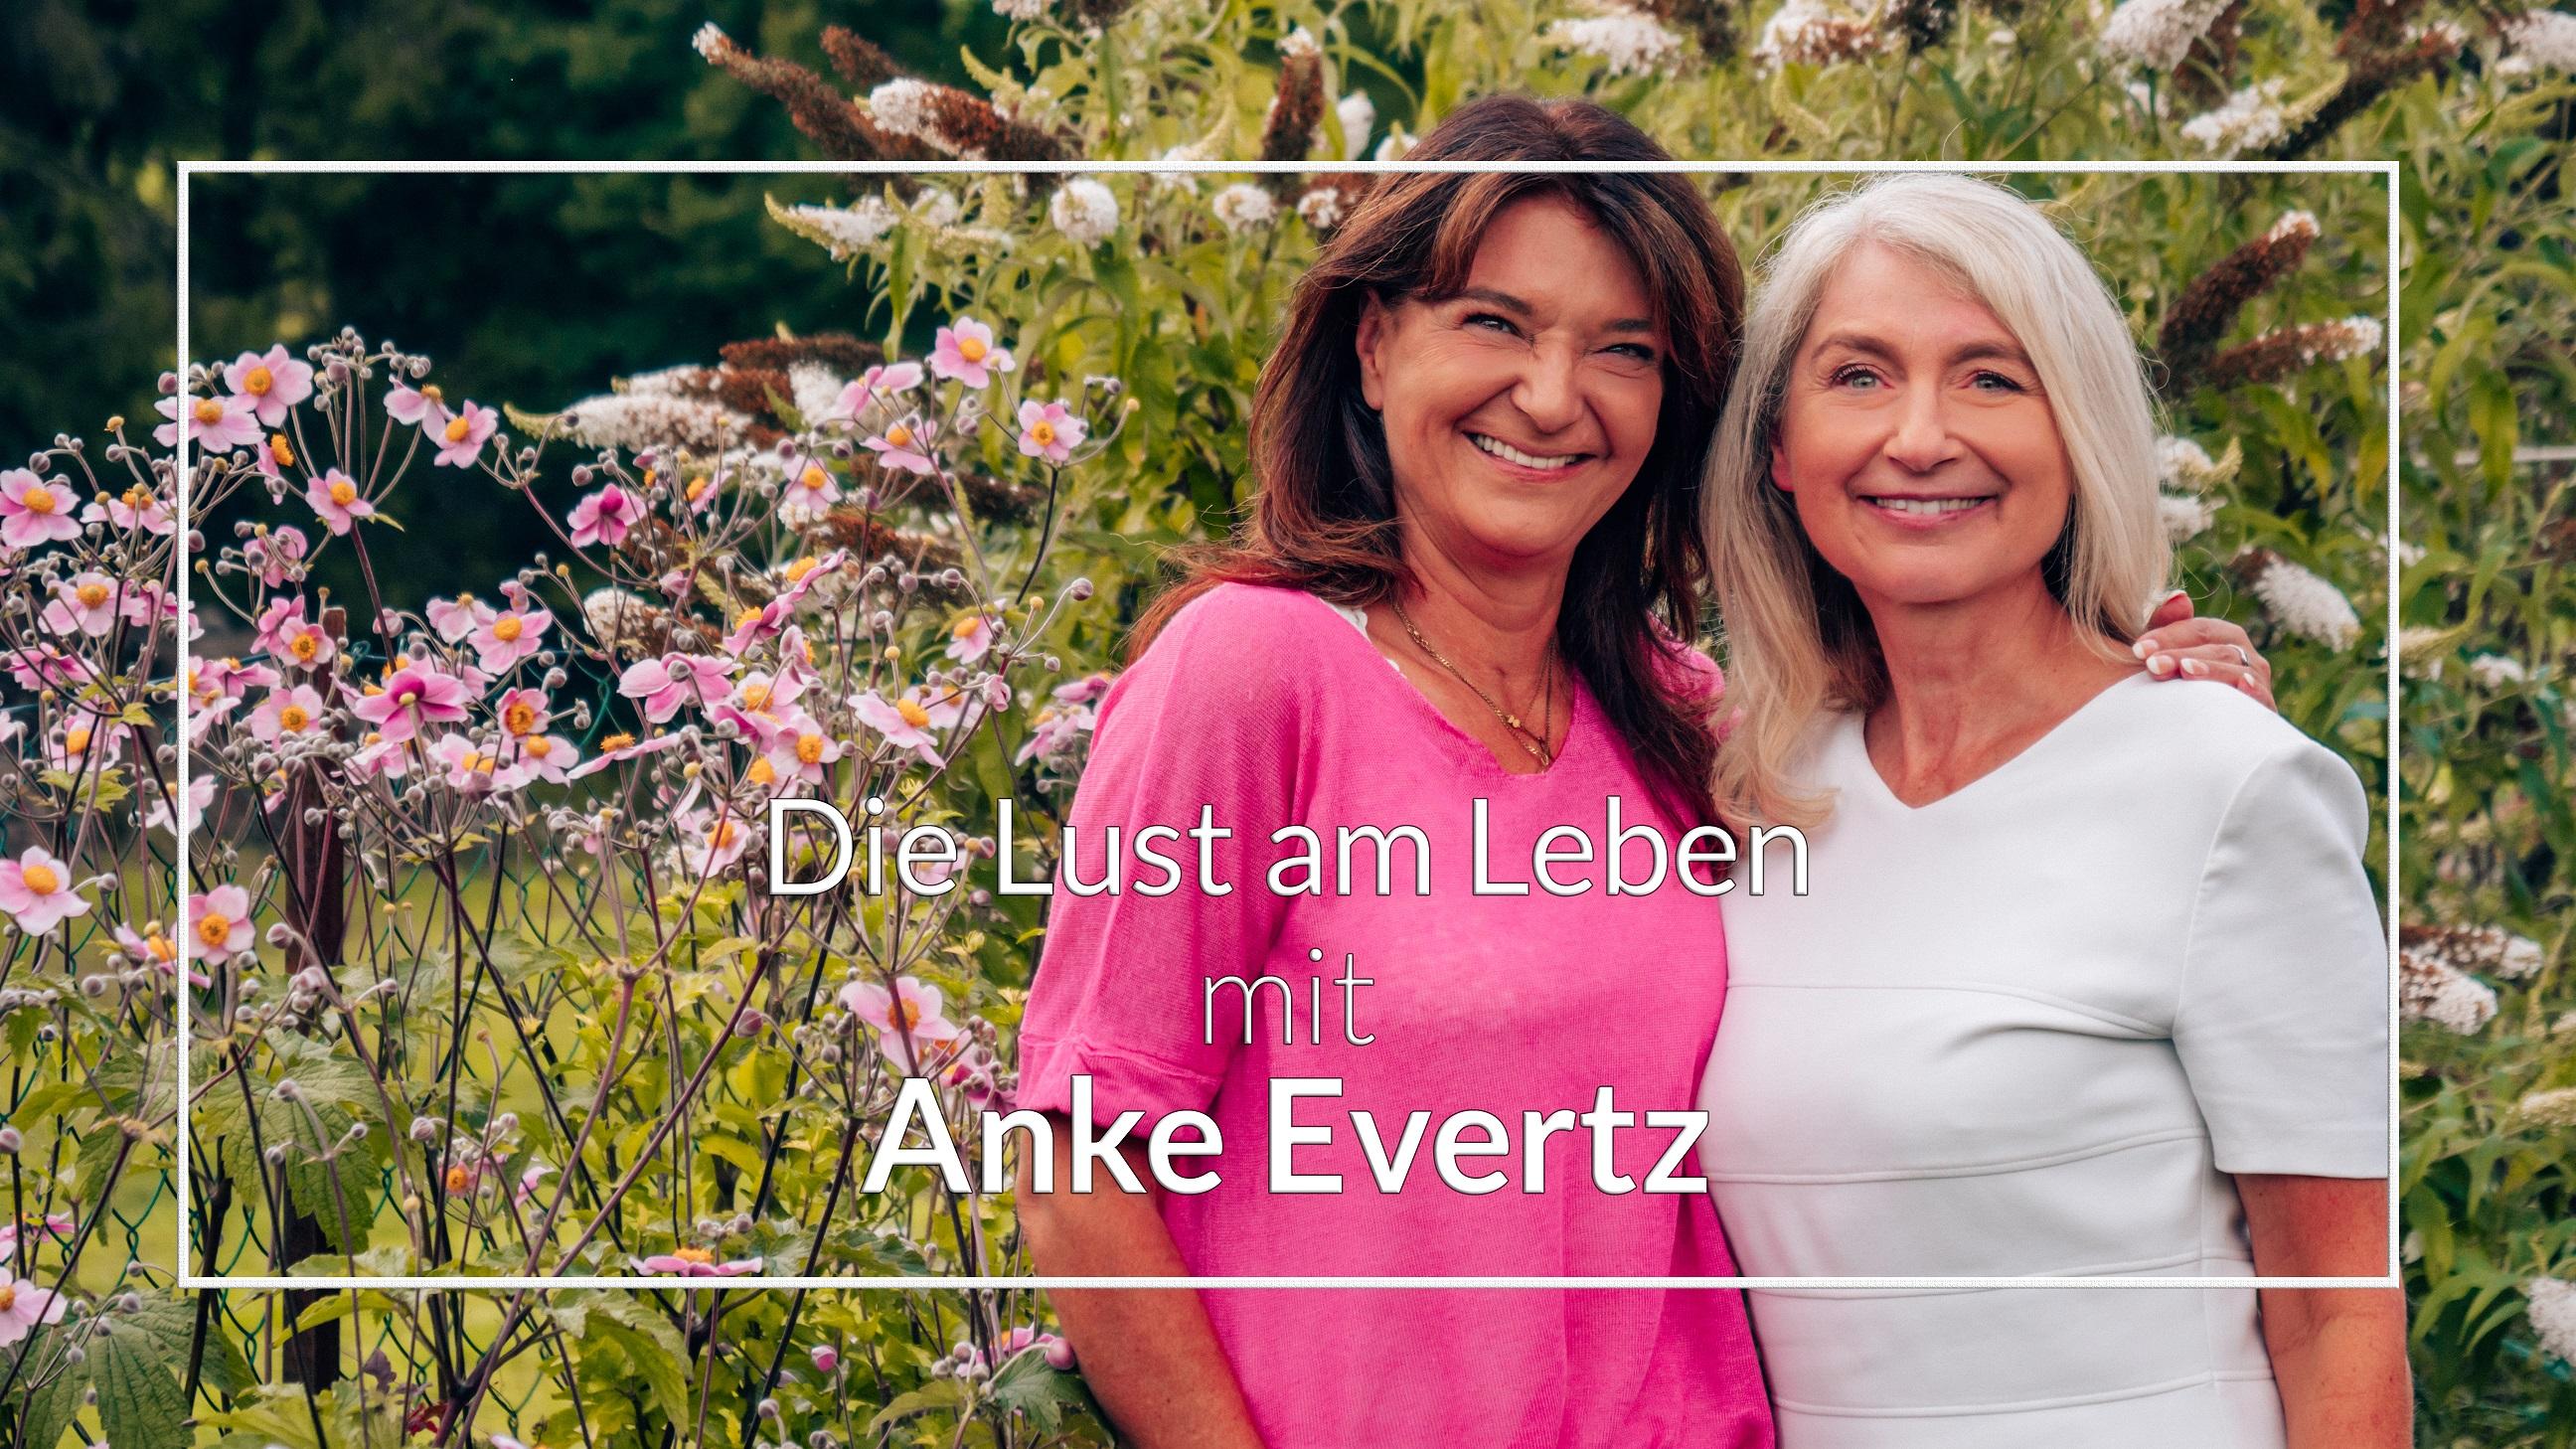 08.09.2019 Die Lust am Leben – Die Kunst ein erfülltes Leben zu führen!